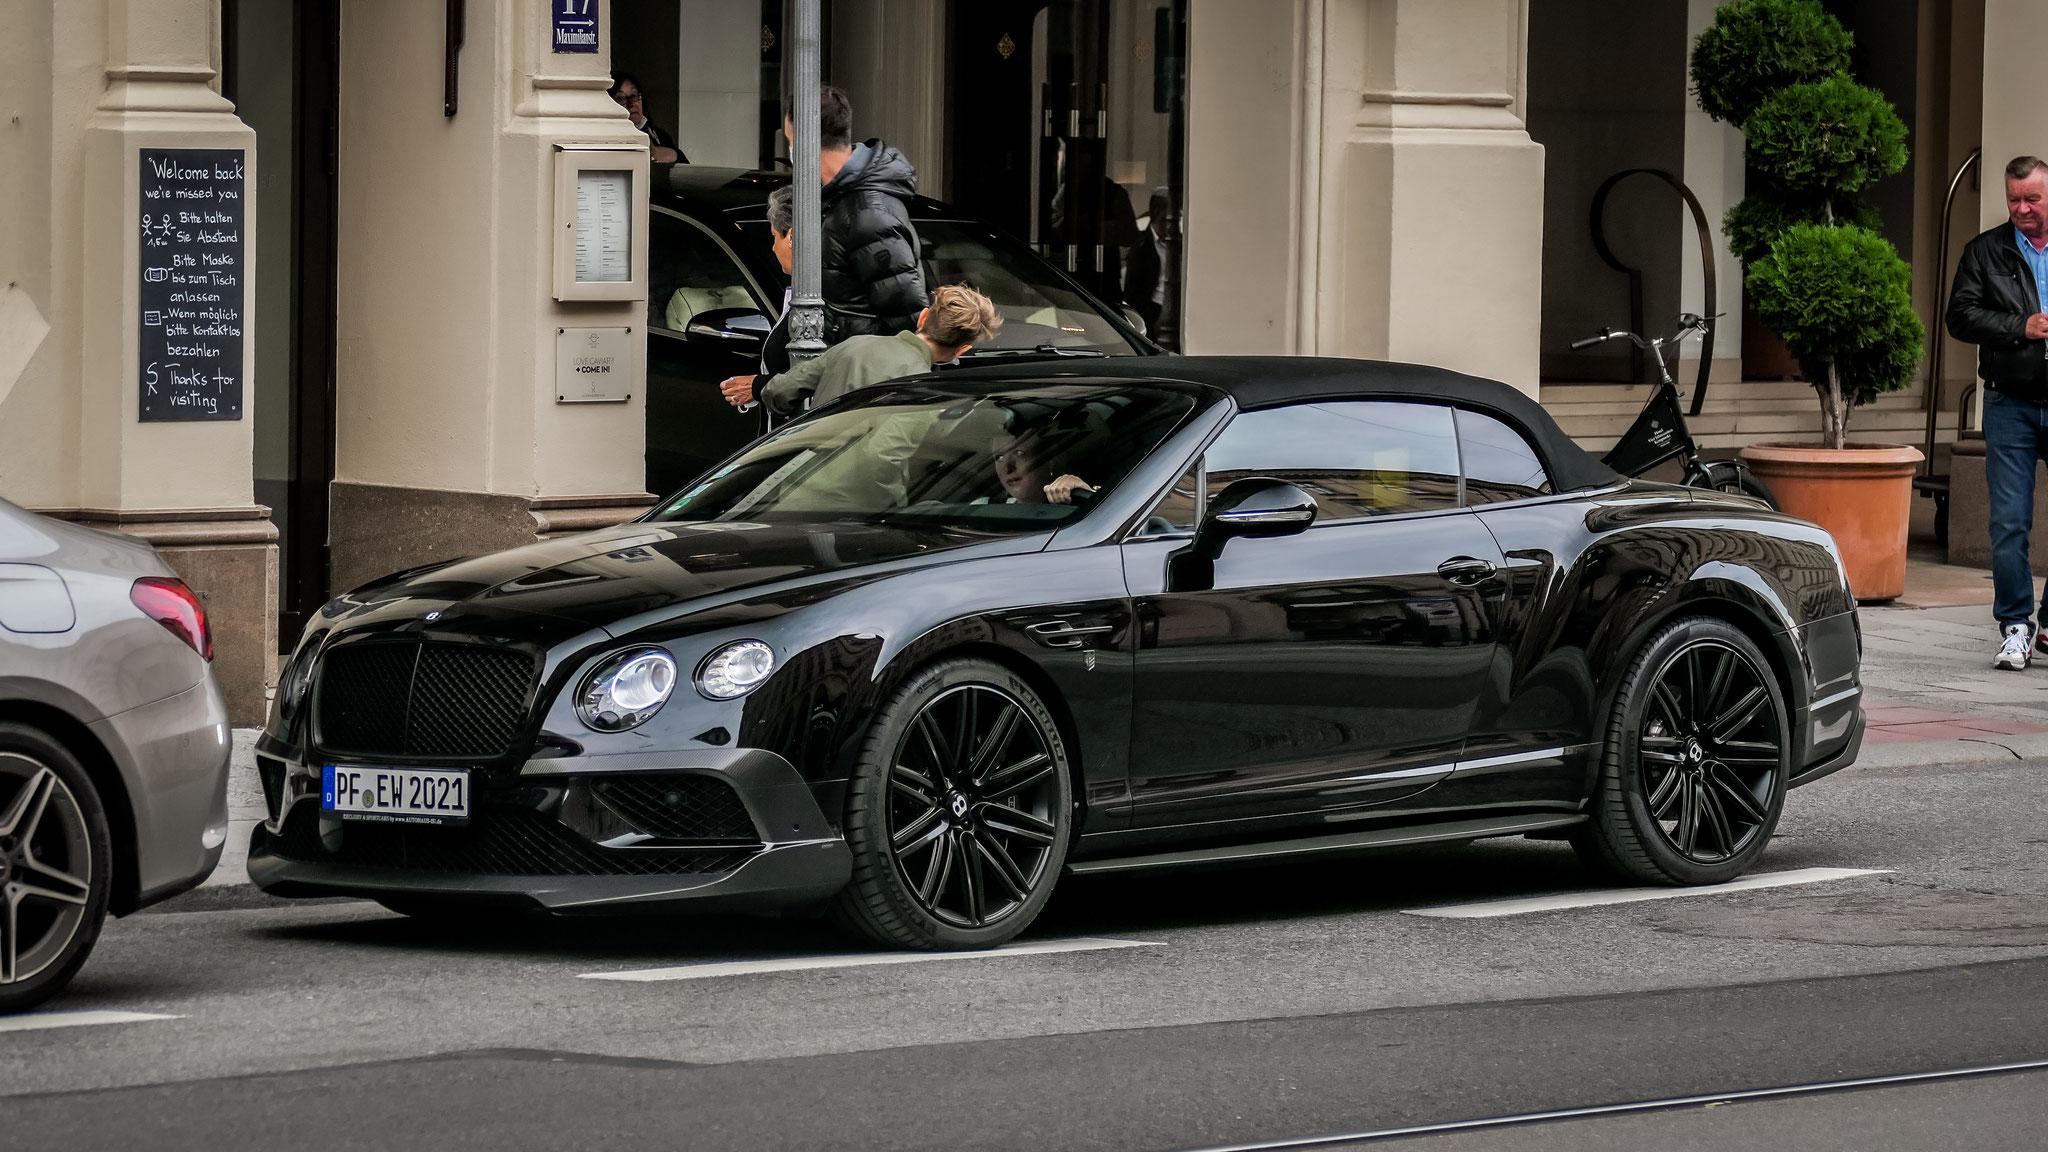 Bentley Continental GTC Startech - PF-EW-2021